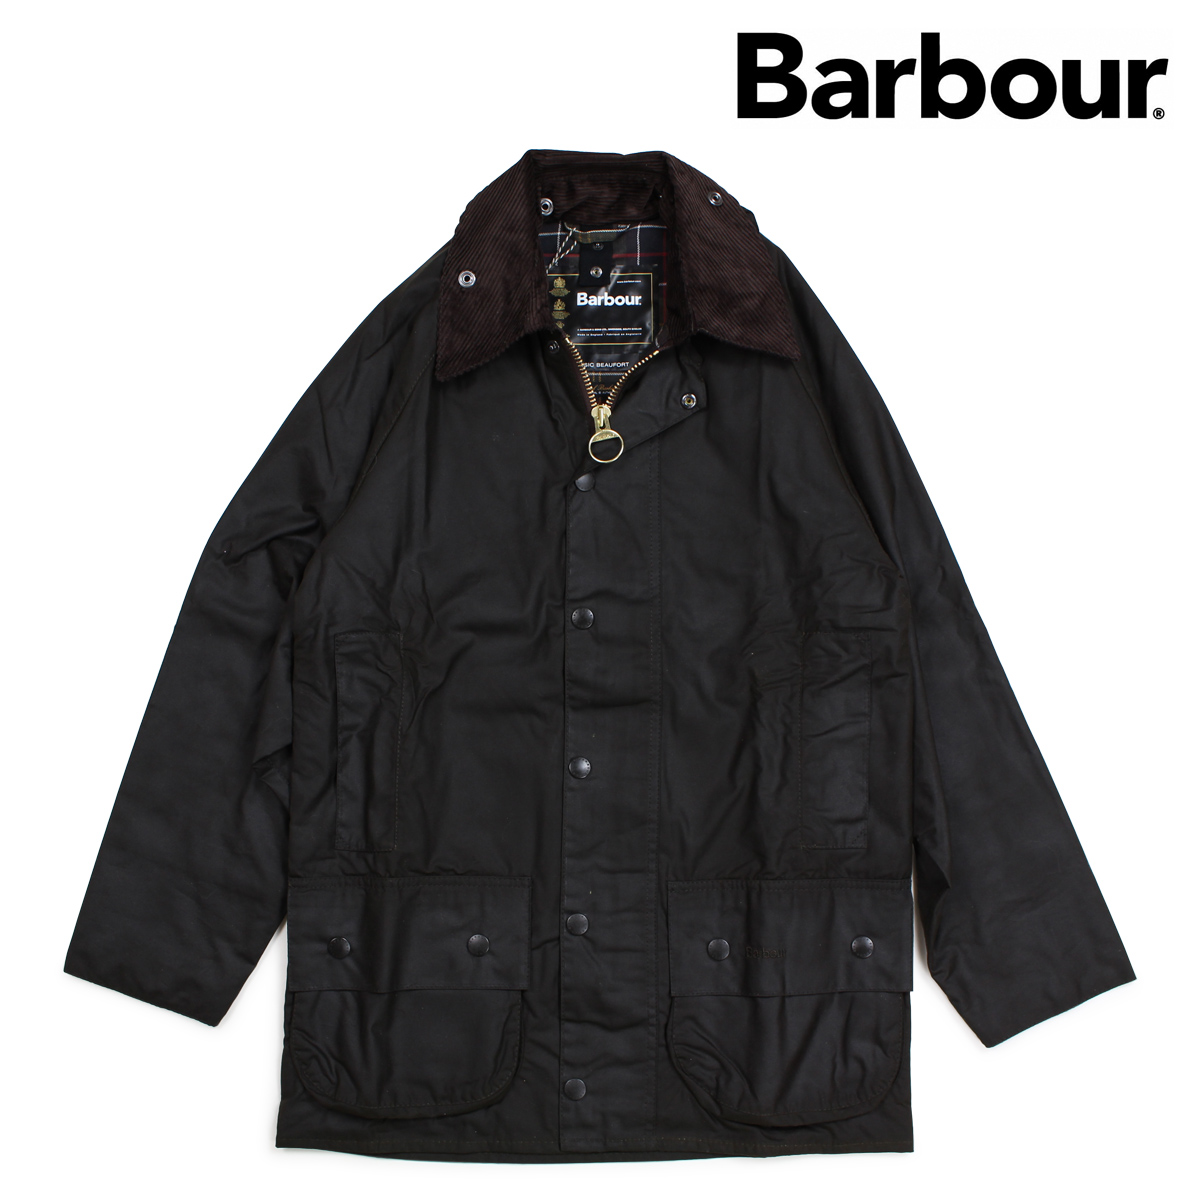 バブアー Barbour ジャケット ワックス メンズ クラシック ビューフォート CLASSIC BEAUFORT WAXED JACKET オリーブ MWX0002 [9/28 新入荷]